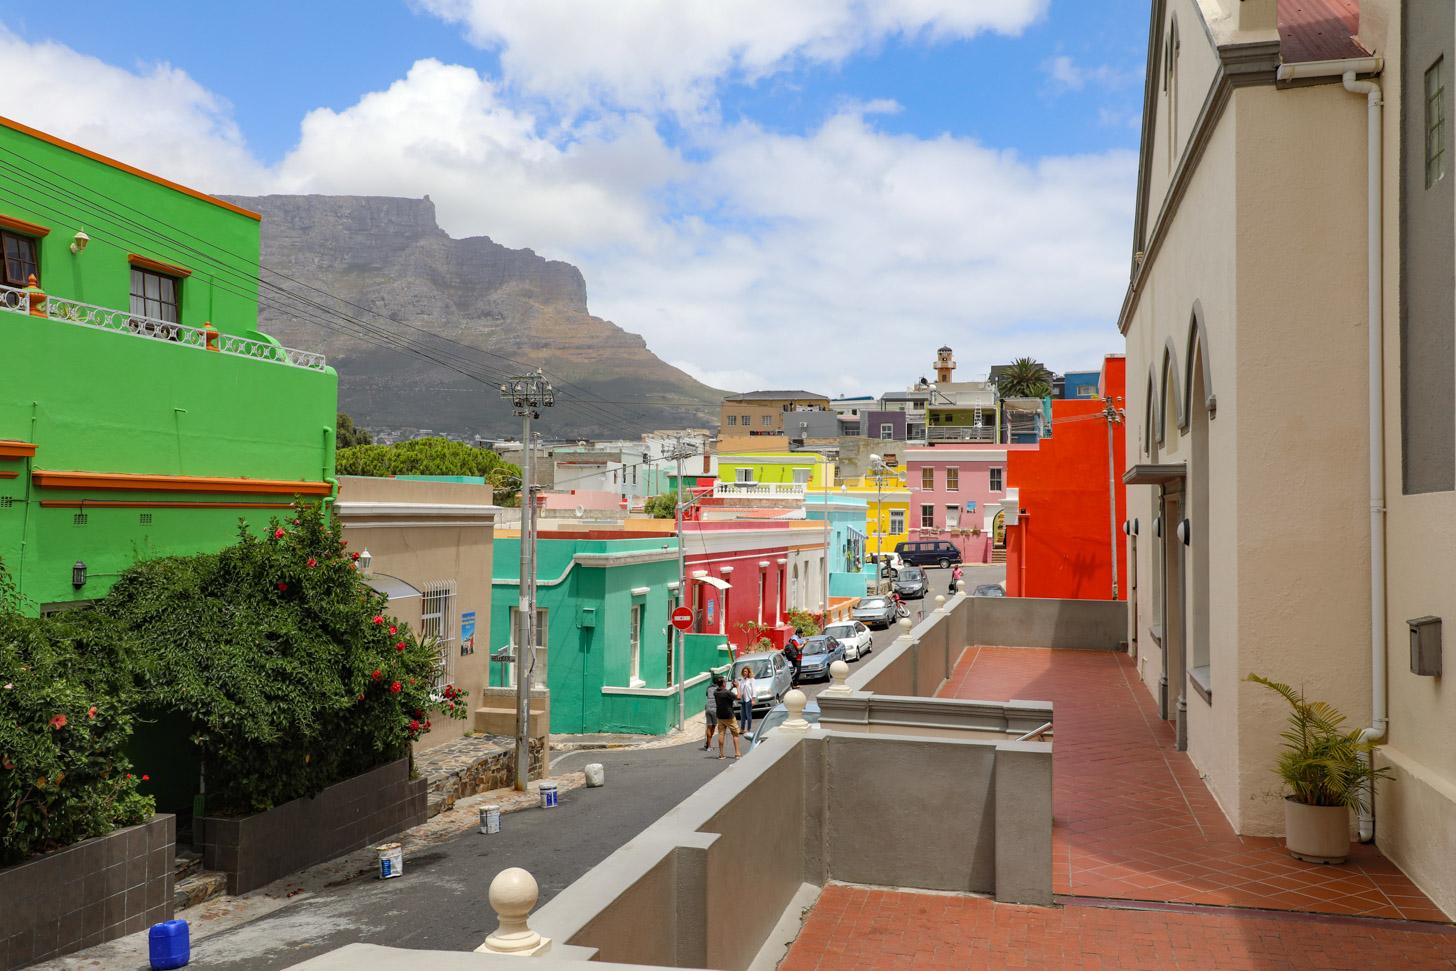 De kleurrijke huizen van de wijk Bo-Kaap